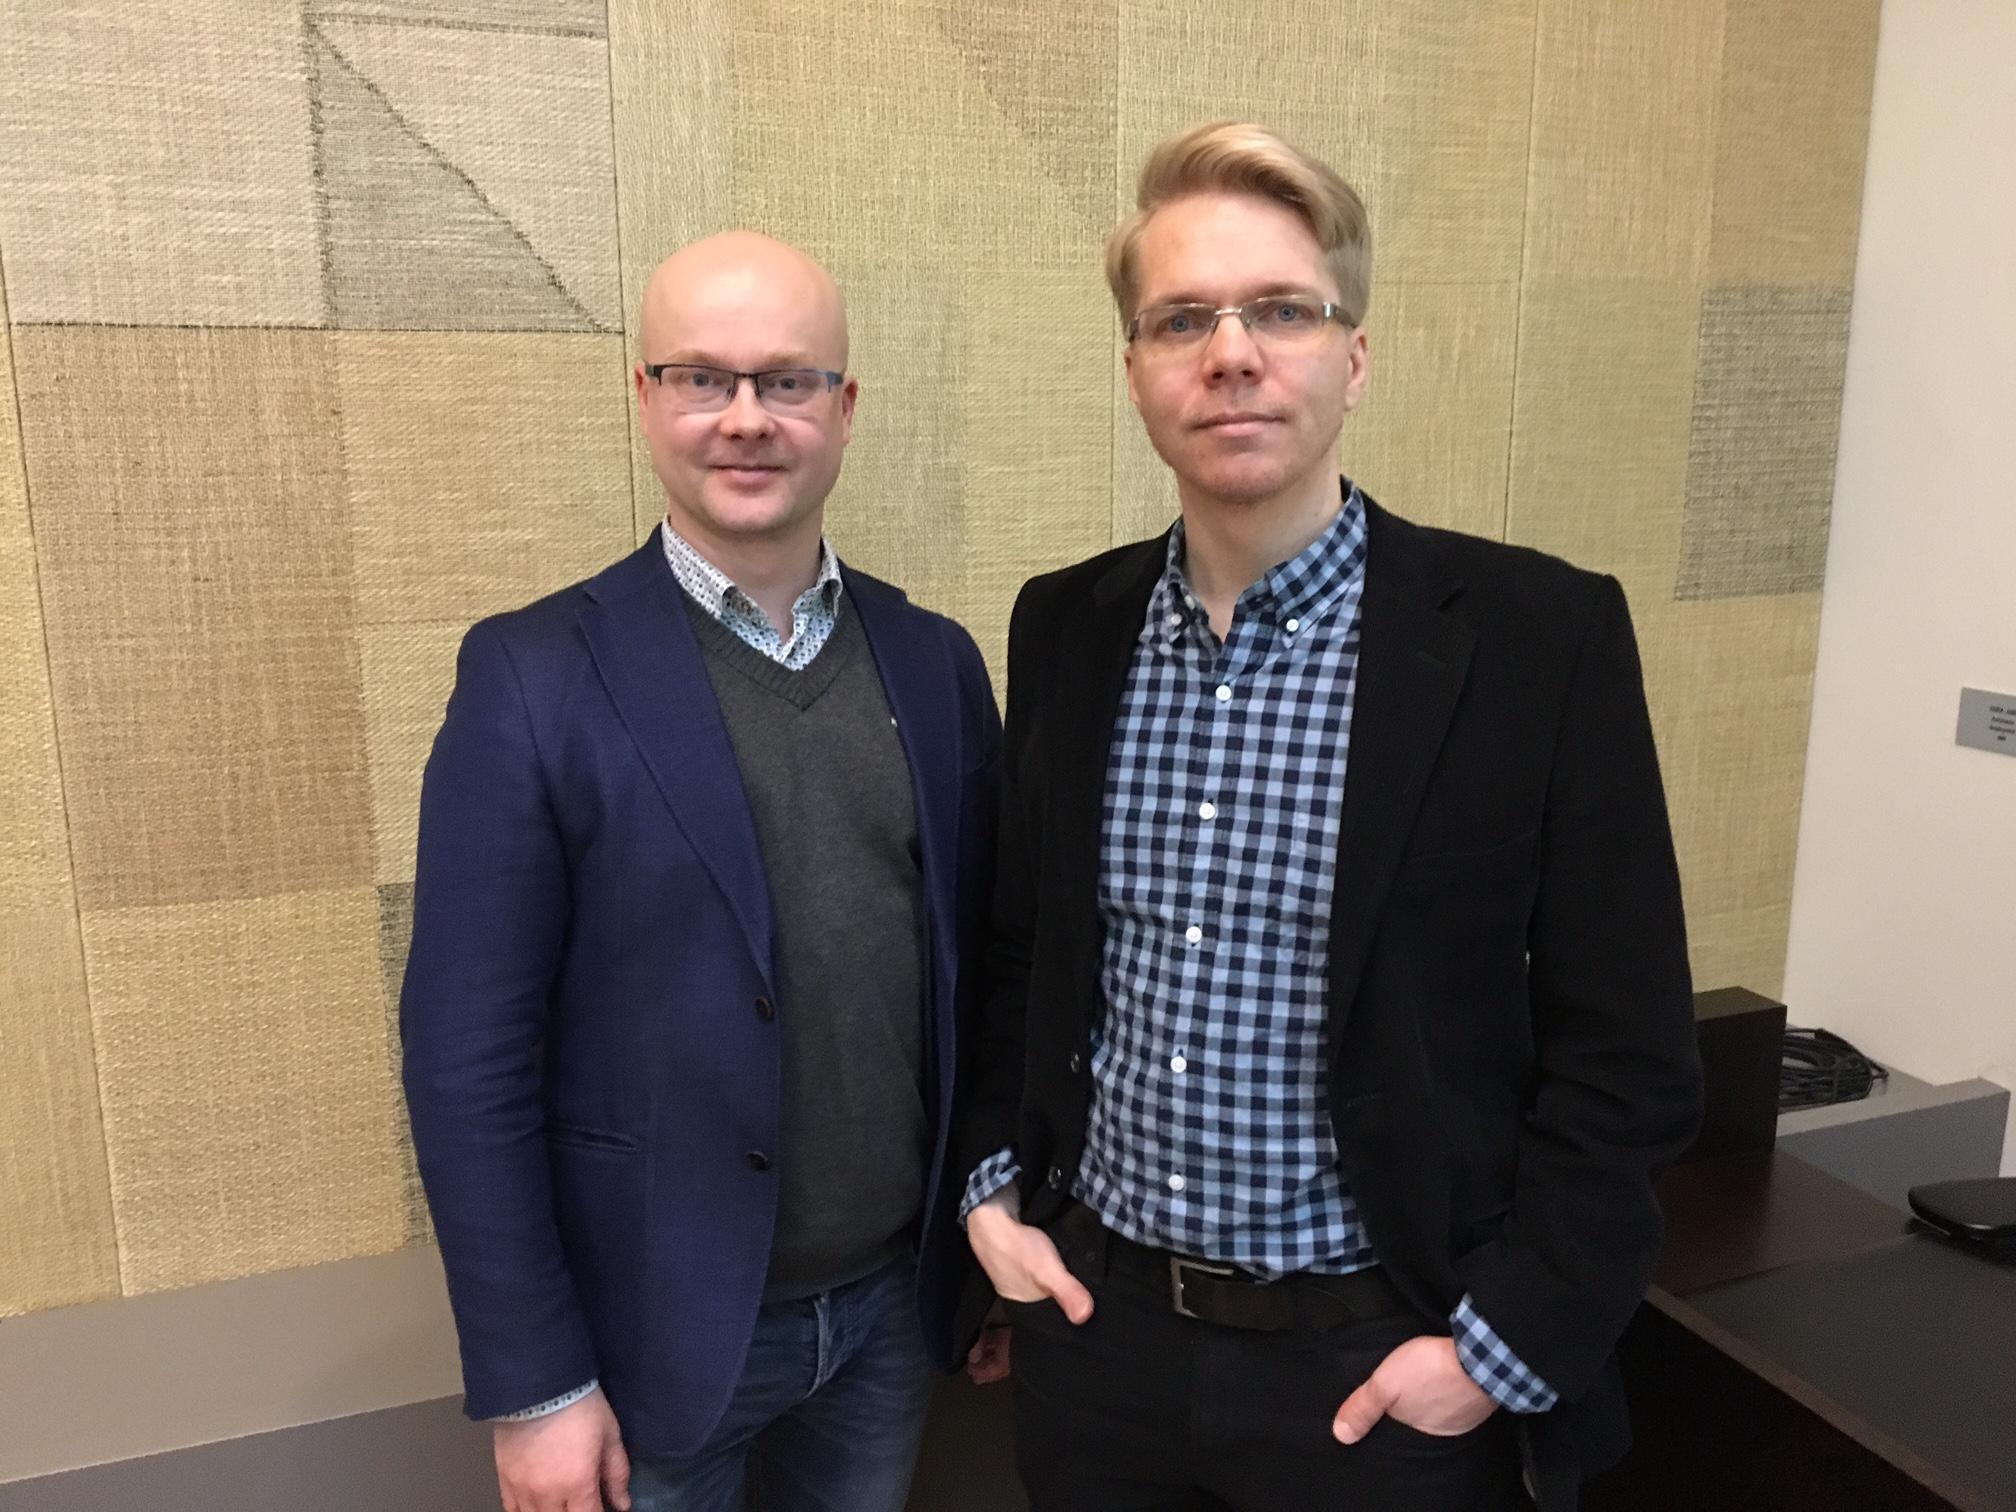 Vuosikokous valitsi Erkki Liikasen puheenjohtajaksi ja Björn Vikströmin varapuheenjohtajaksi